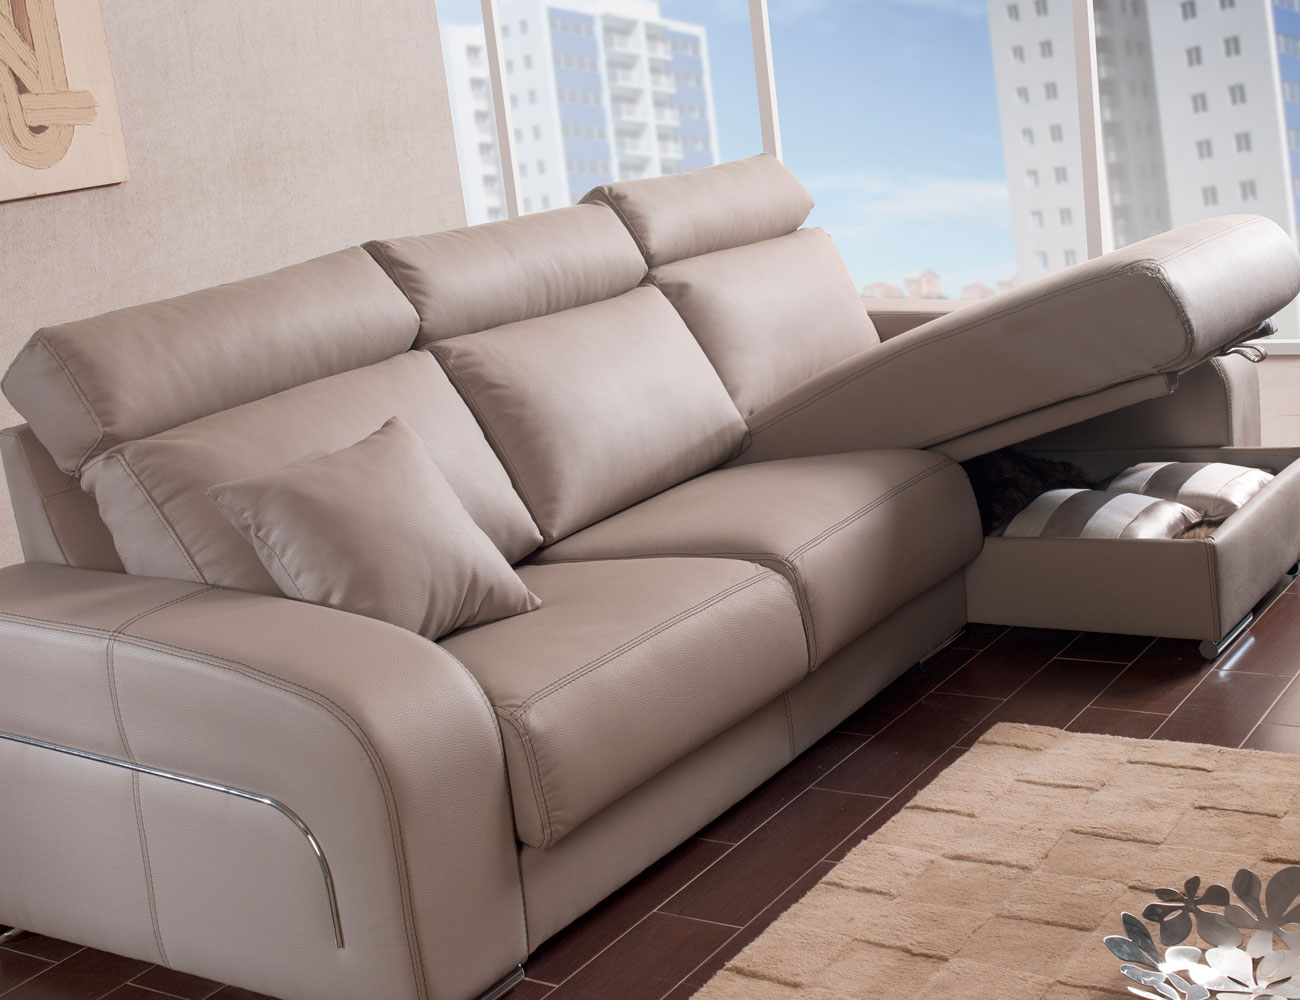 Sofa chaiselongue moderno pared cero arcon43